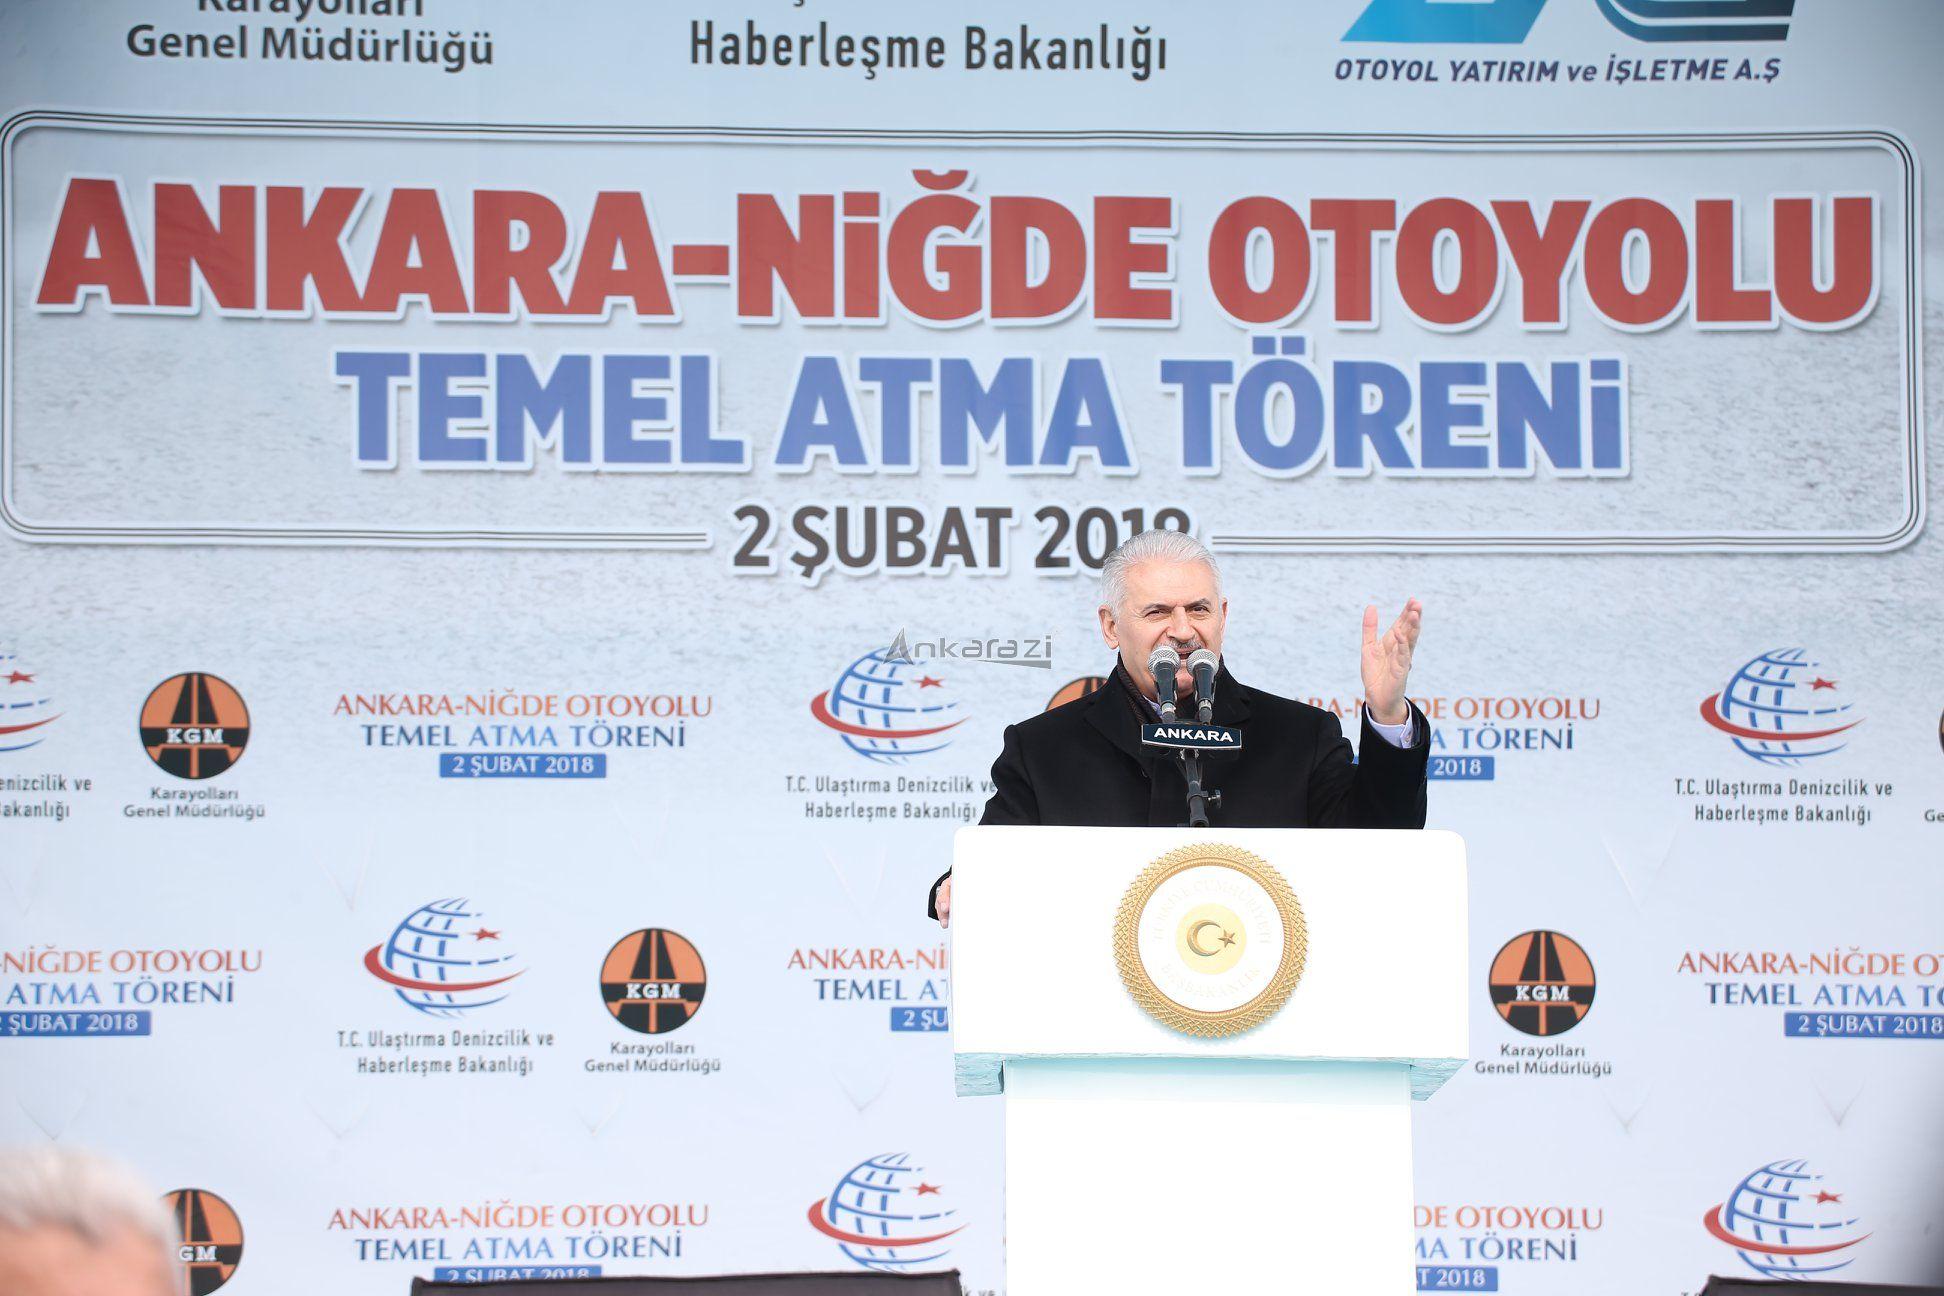 Ankara-Niğde Otoyolu 2019 Sonunda Açılacak... 3278